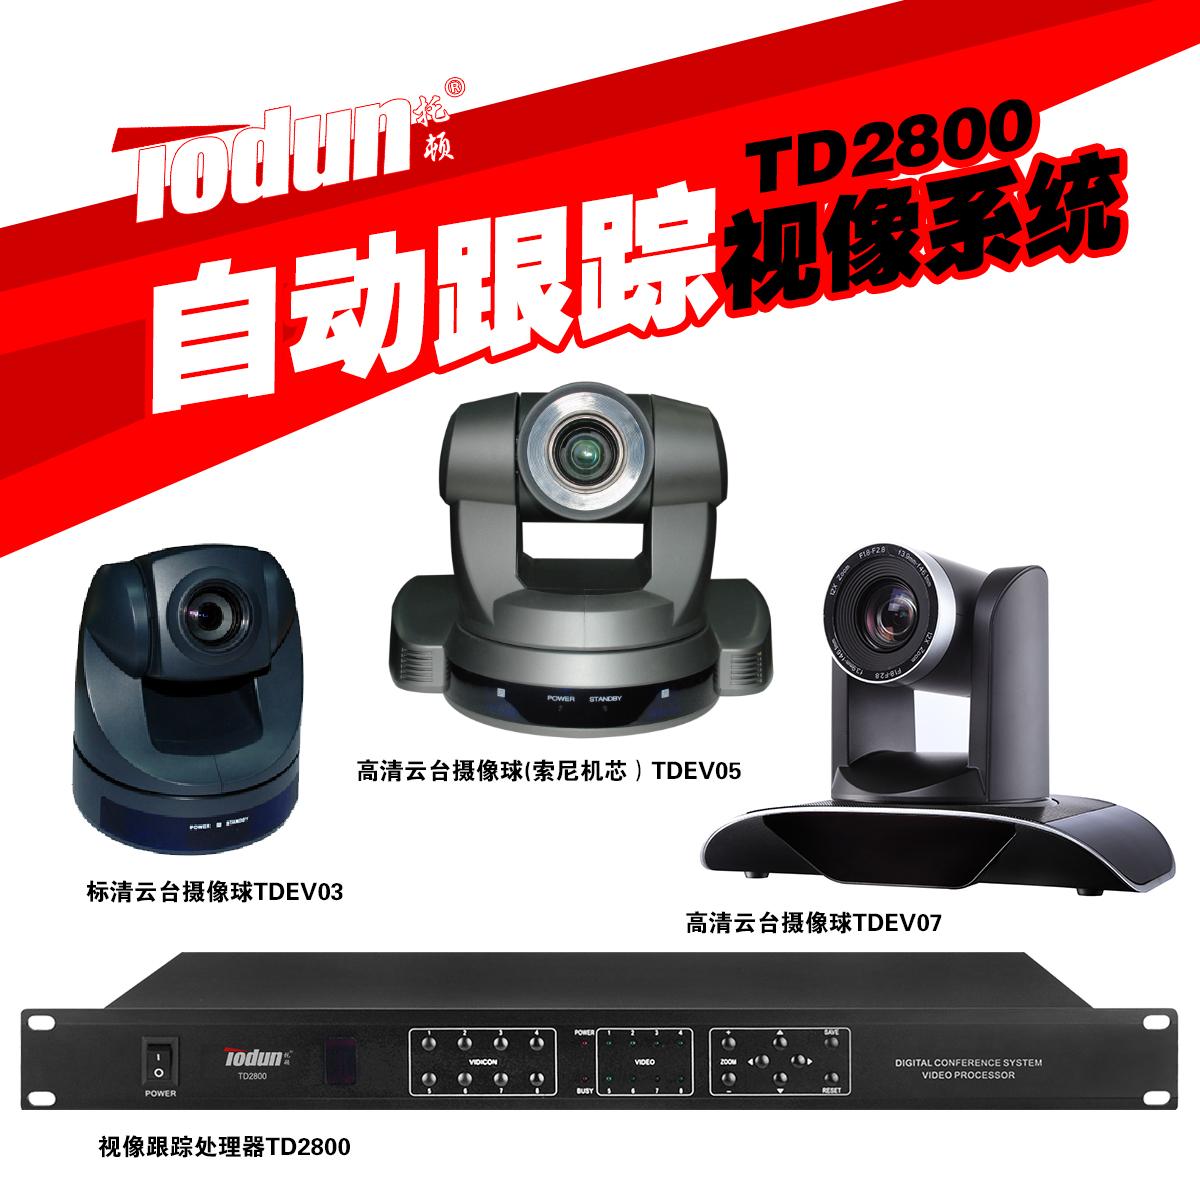 自动视像跟踪系统TD2800 高清标清云台摄像球视频会议系统 视像跟踪处理器